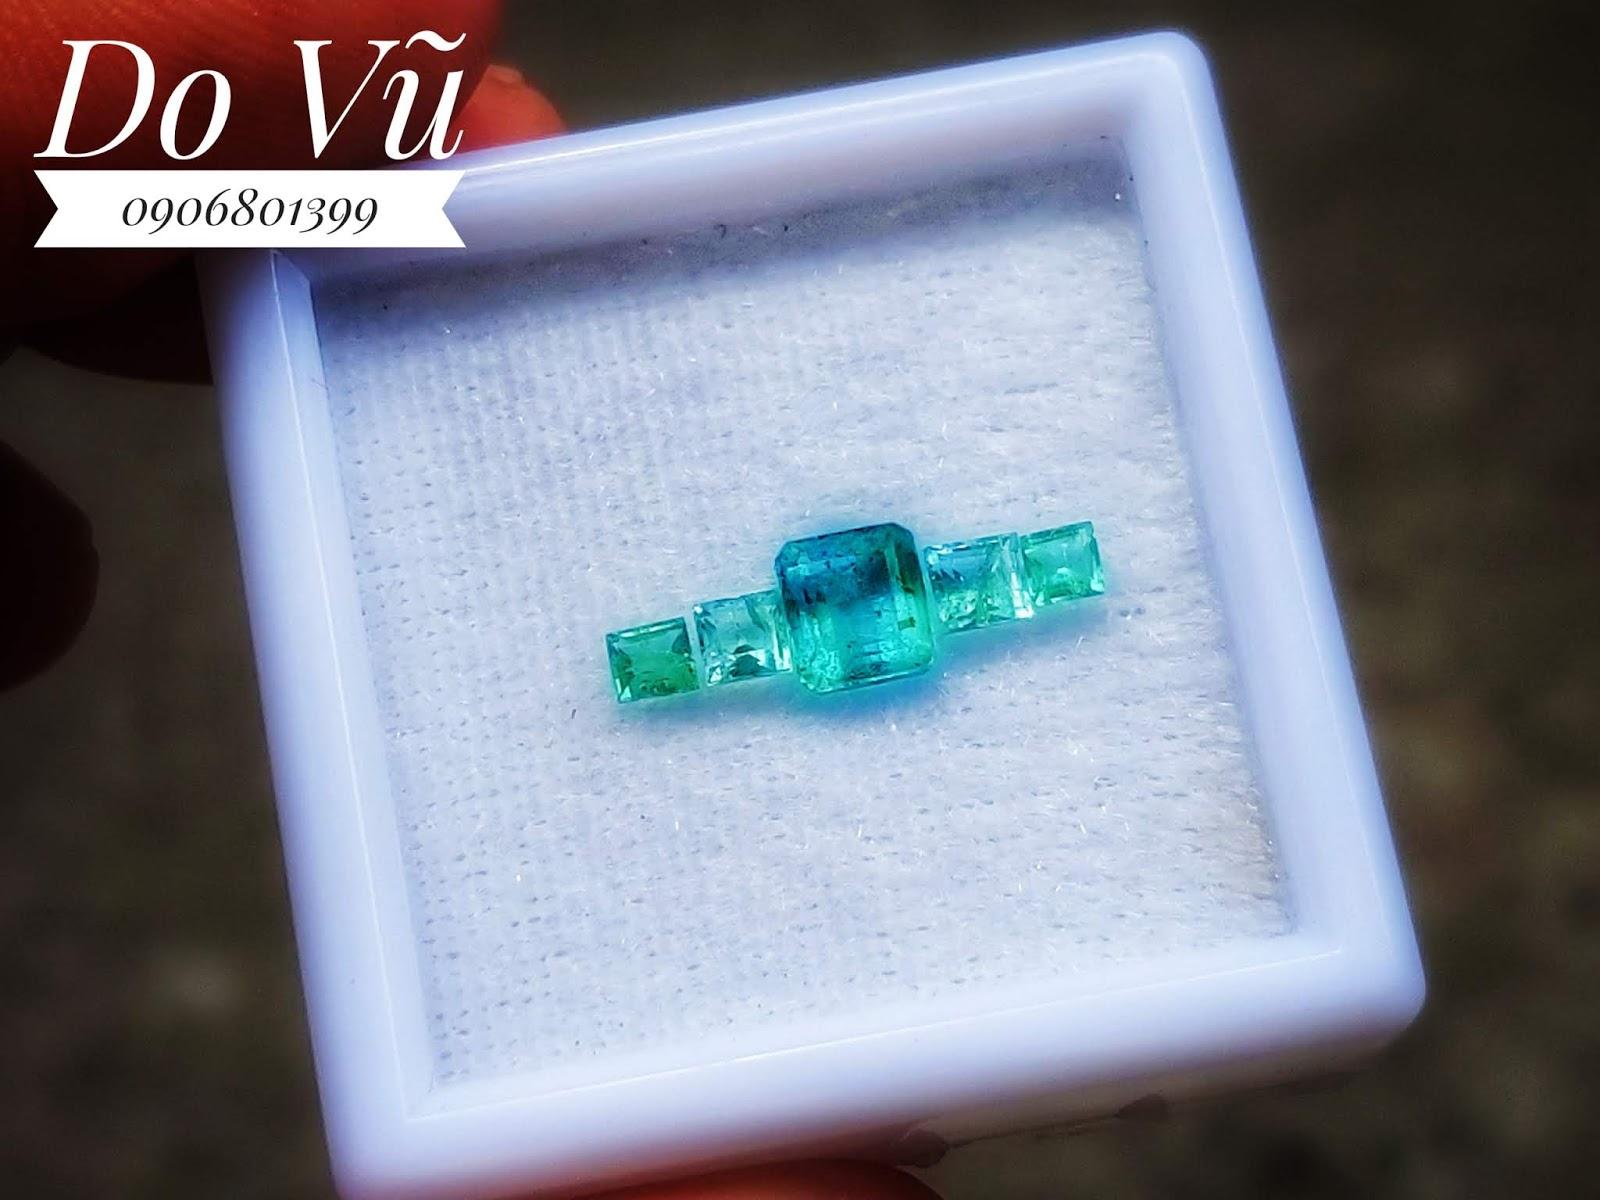 Đá quý Ngọc Lục Bảo thiên nhiên, Natural Emerald chất ngọc kính xanh chuẩn lửa mạnh ( 19/04/20, 07 )